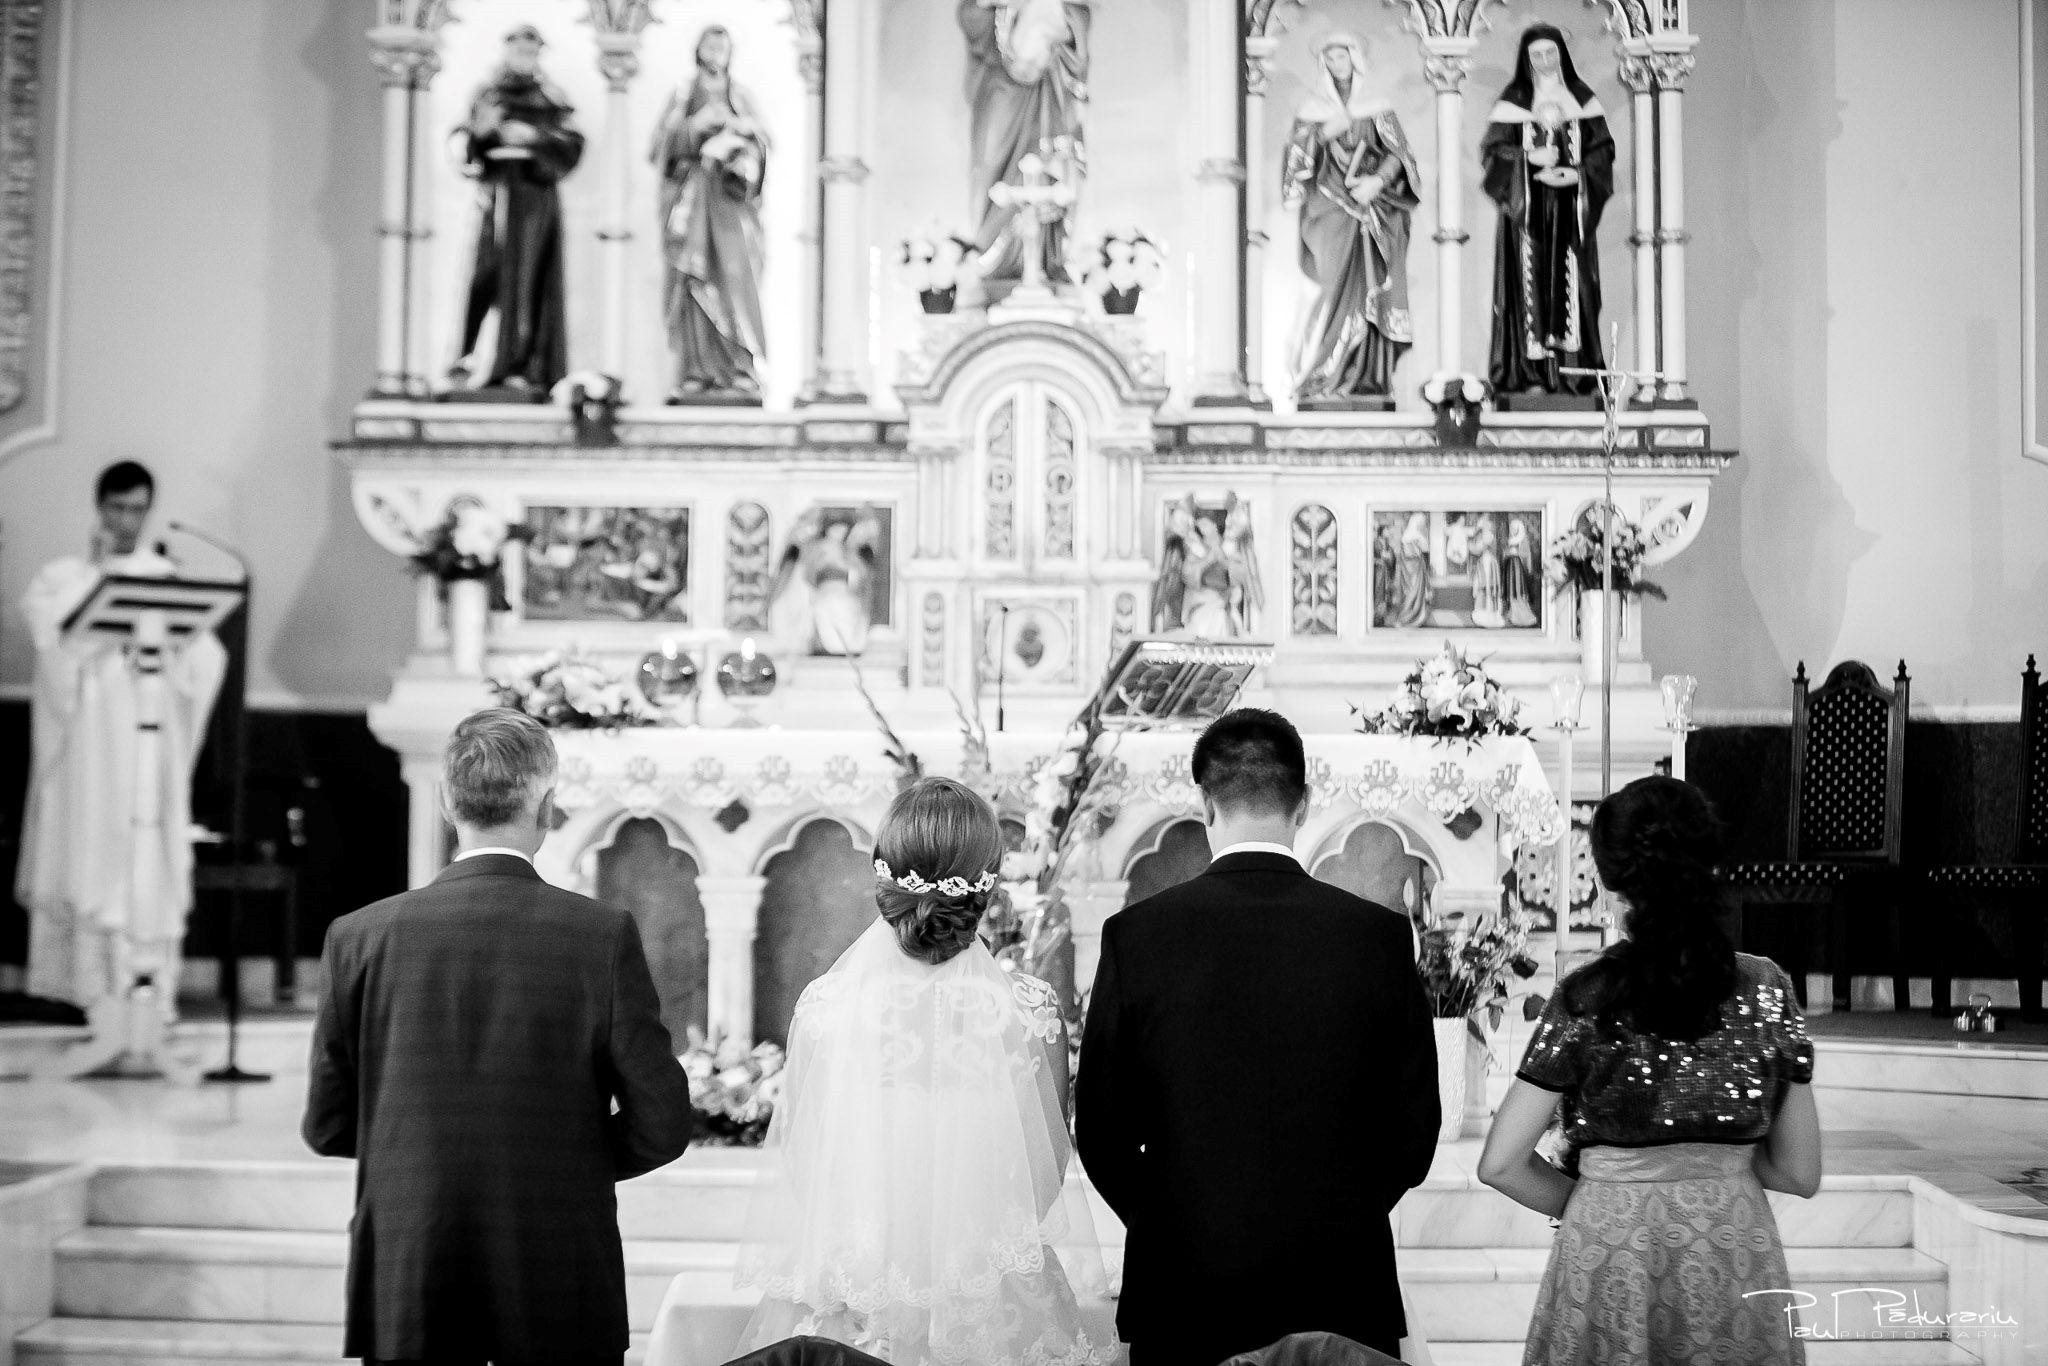 Diana Sebi nunta lavanda paul padurariu fotograf cununie religioasa Biserica Nașterea Sfintei Fecioare Maria Husi 5